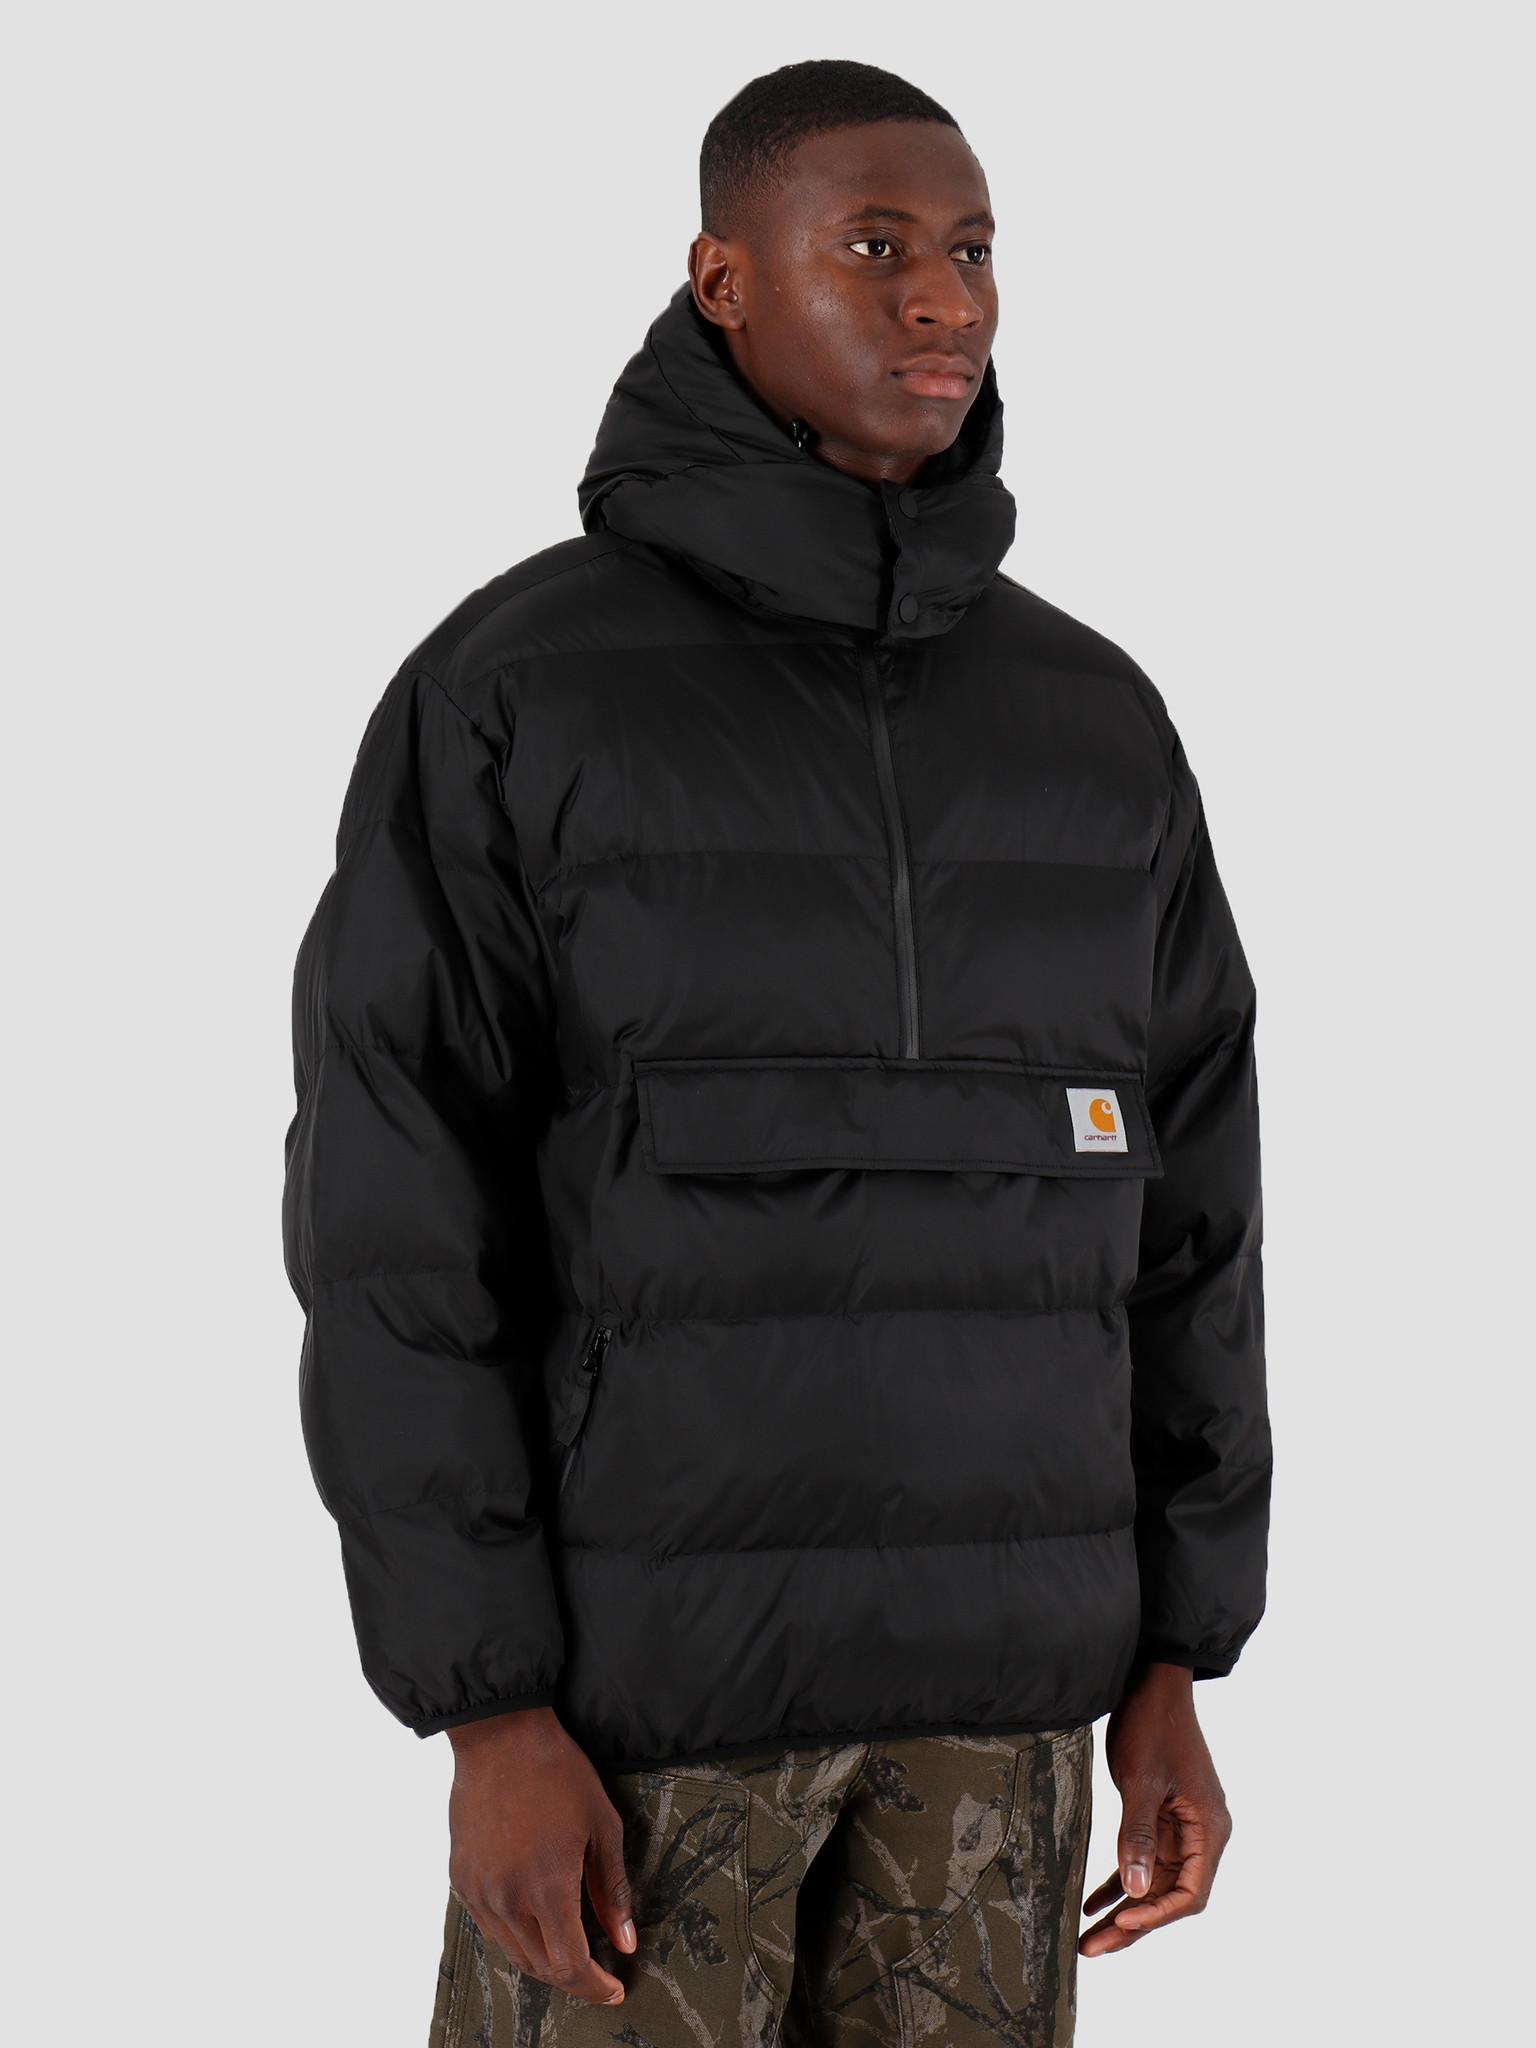 Carhartt WIP Carhartt WIP Jones Pullover Black I026810